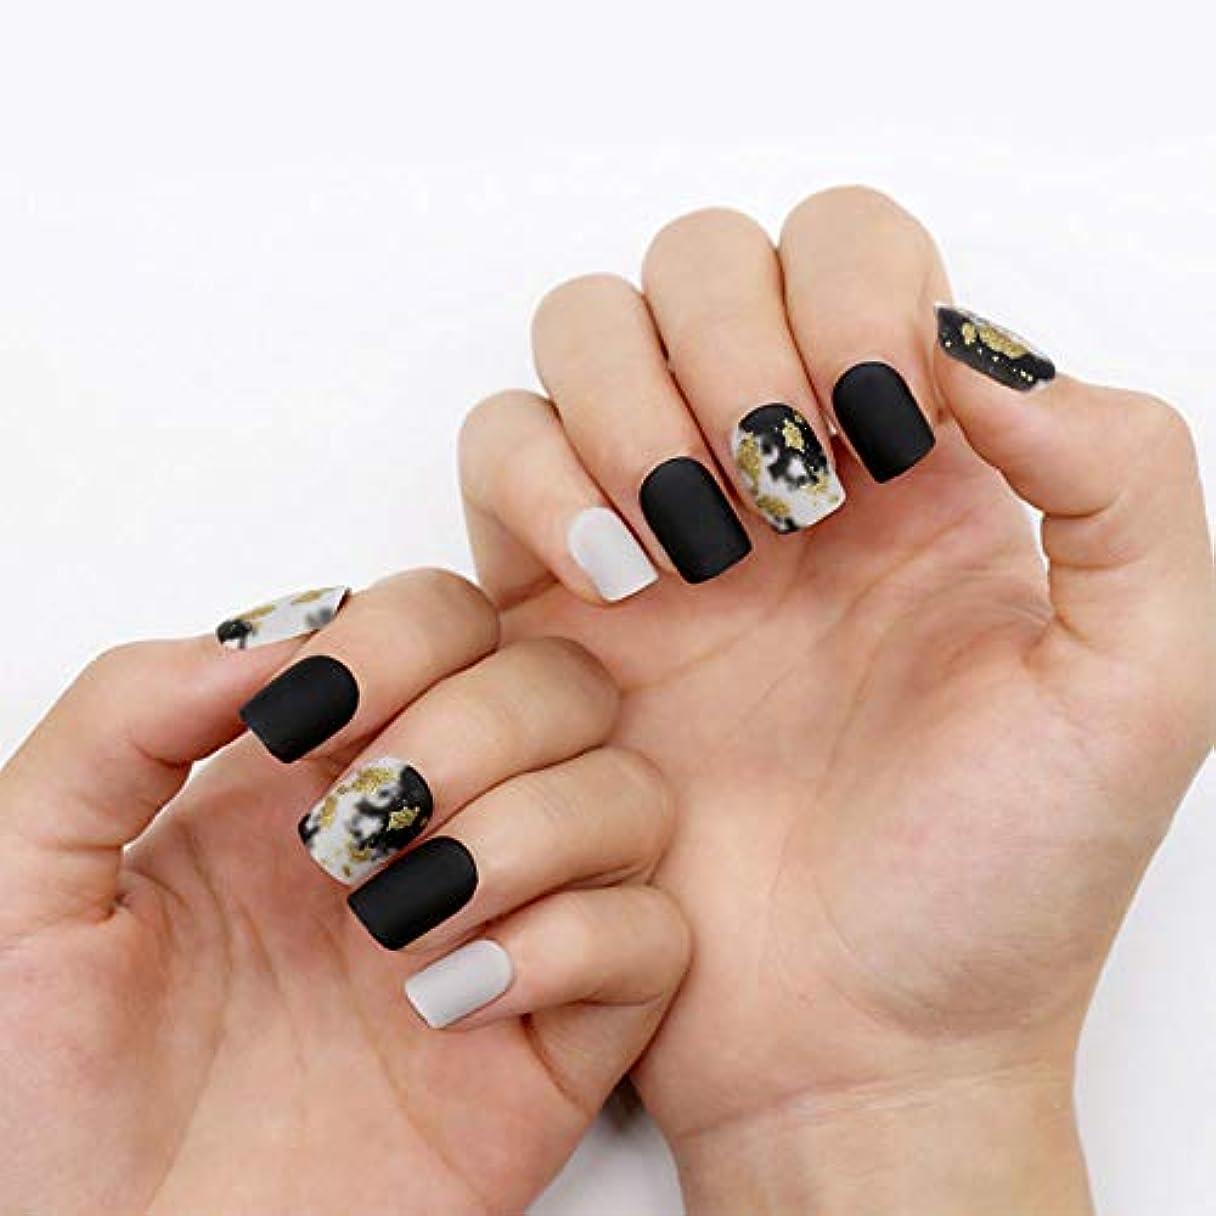 無一文センブランス引っ張るネイルチップ 12サイズ 夏の 優雅 黒 つけ爪 ネイル用品 ショート デコレーション 無地 付け爪